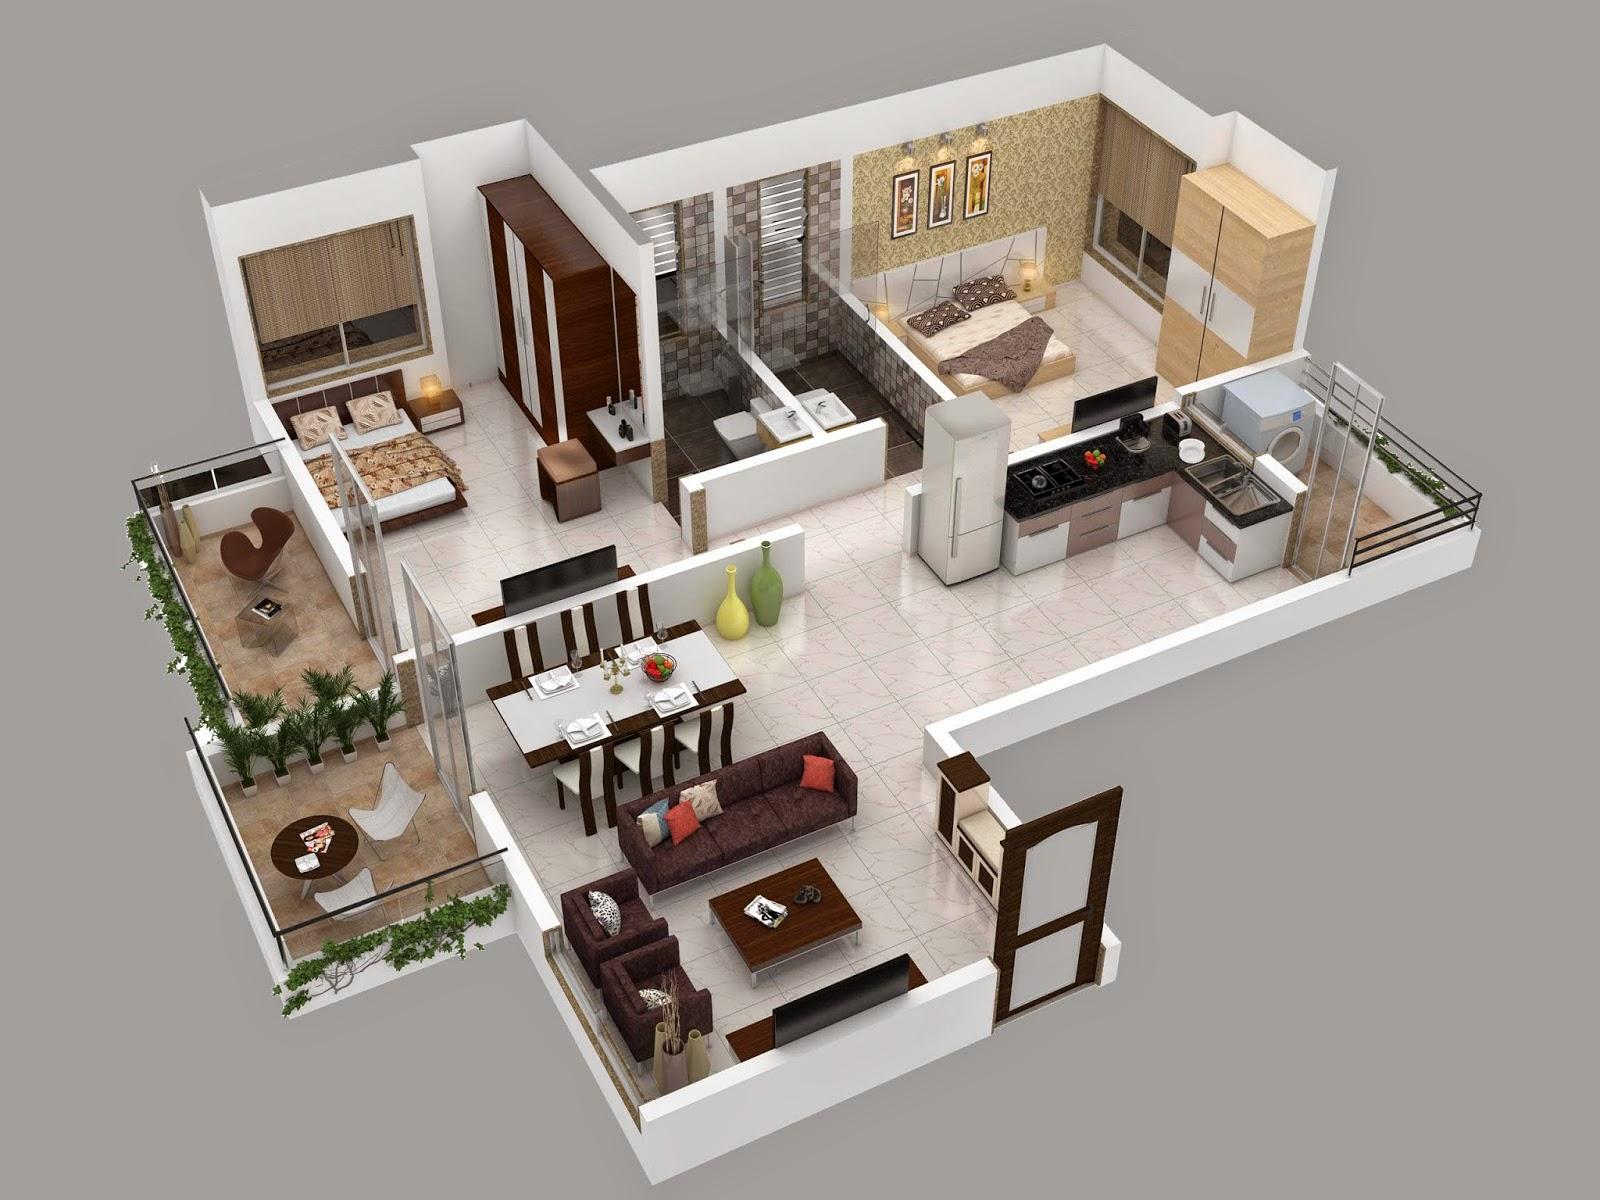 Prabhudas bhagwat 3d artist 3d cut sections flat tops for Casa moderna bloxburg